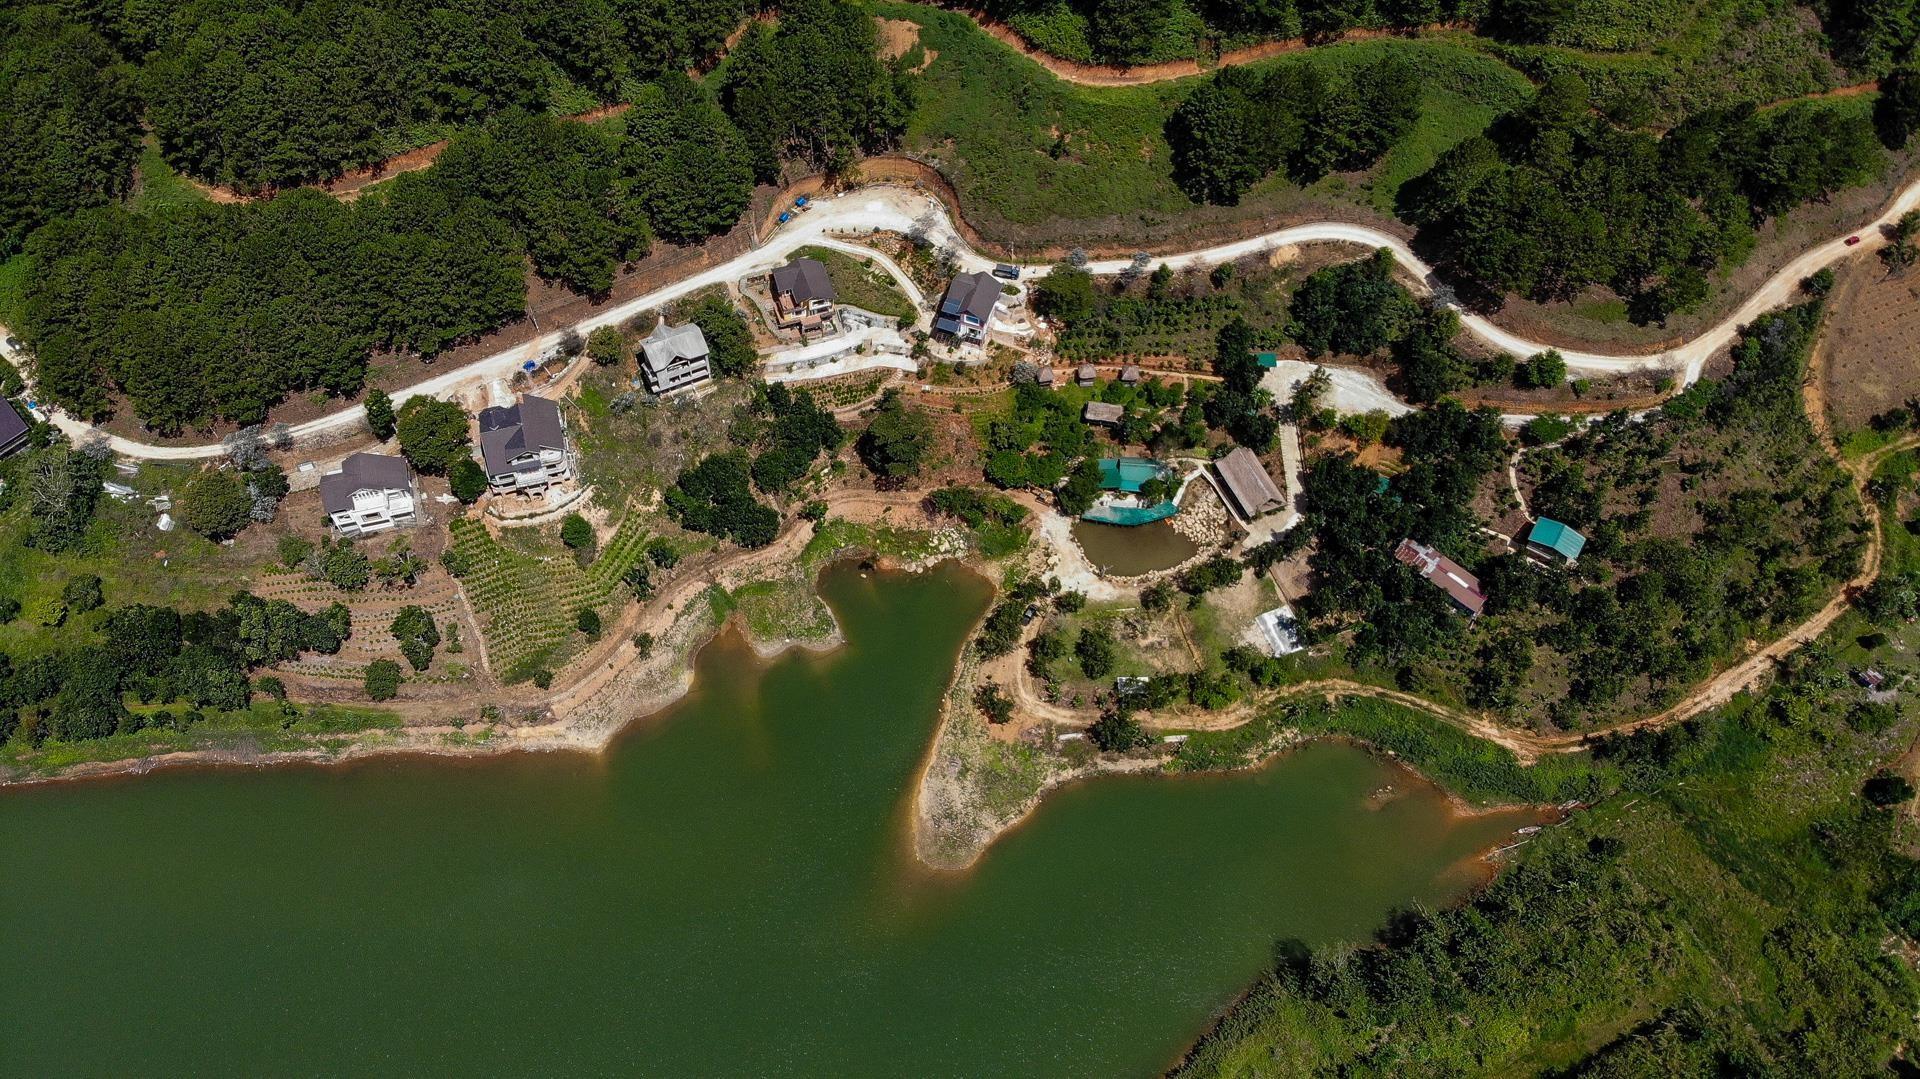 Nhiều dự án bất động sản sai phạm 'bao vây' hồ Tuyền Lâm ở Đà Lạt - Ảnh 3.